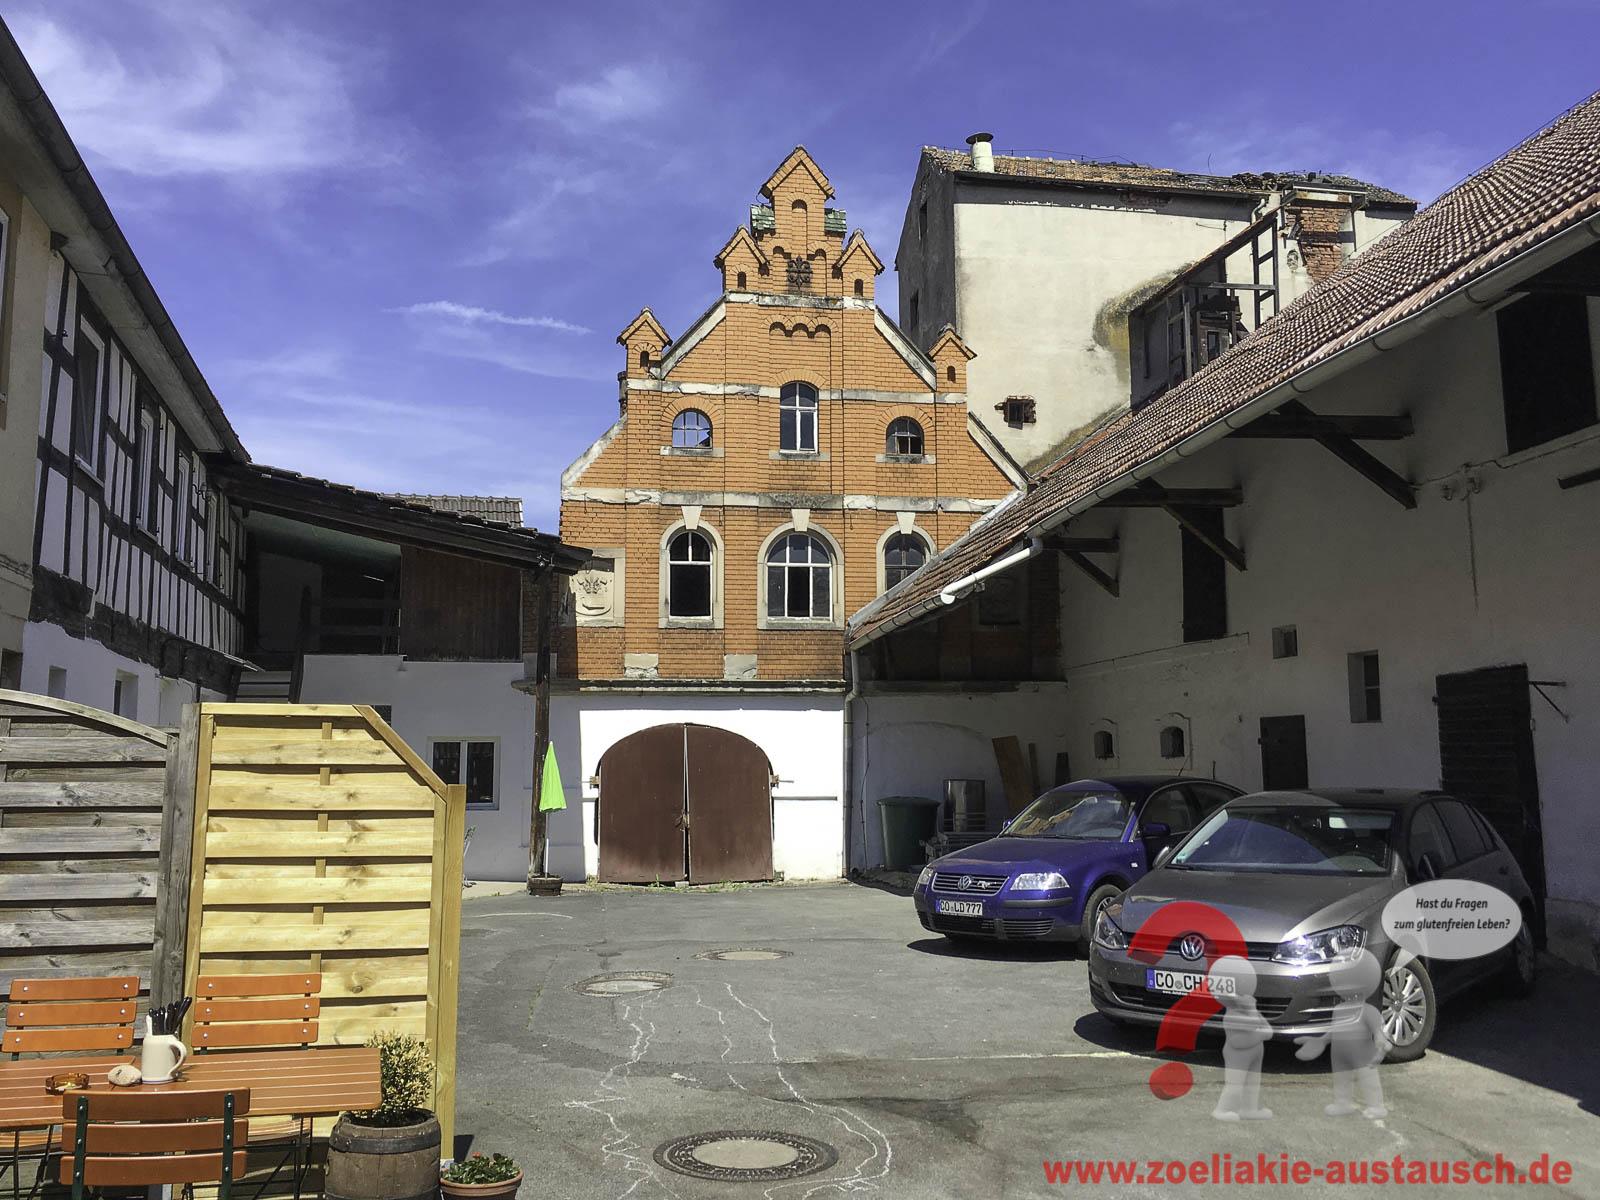 Zoeliakie-Austausch_Schleicher_Bier_Glutenfrei_03